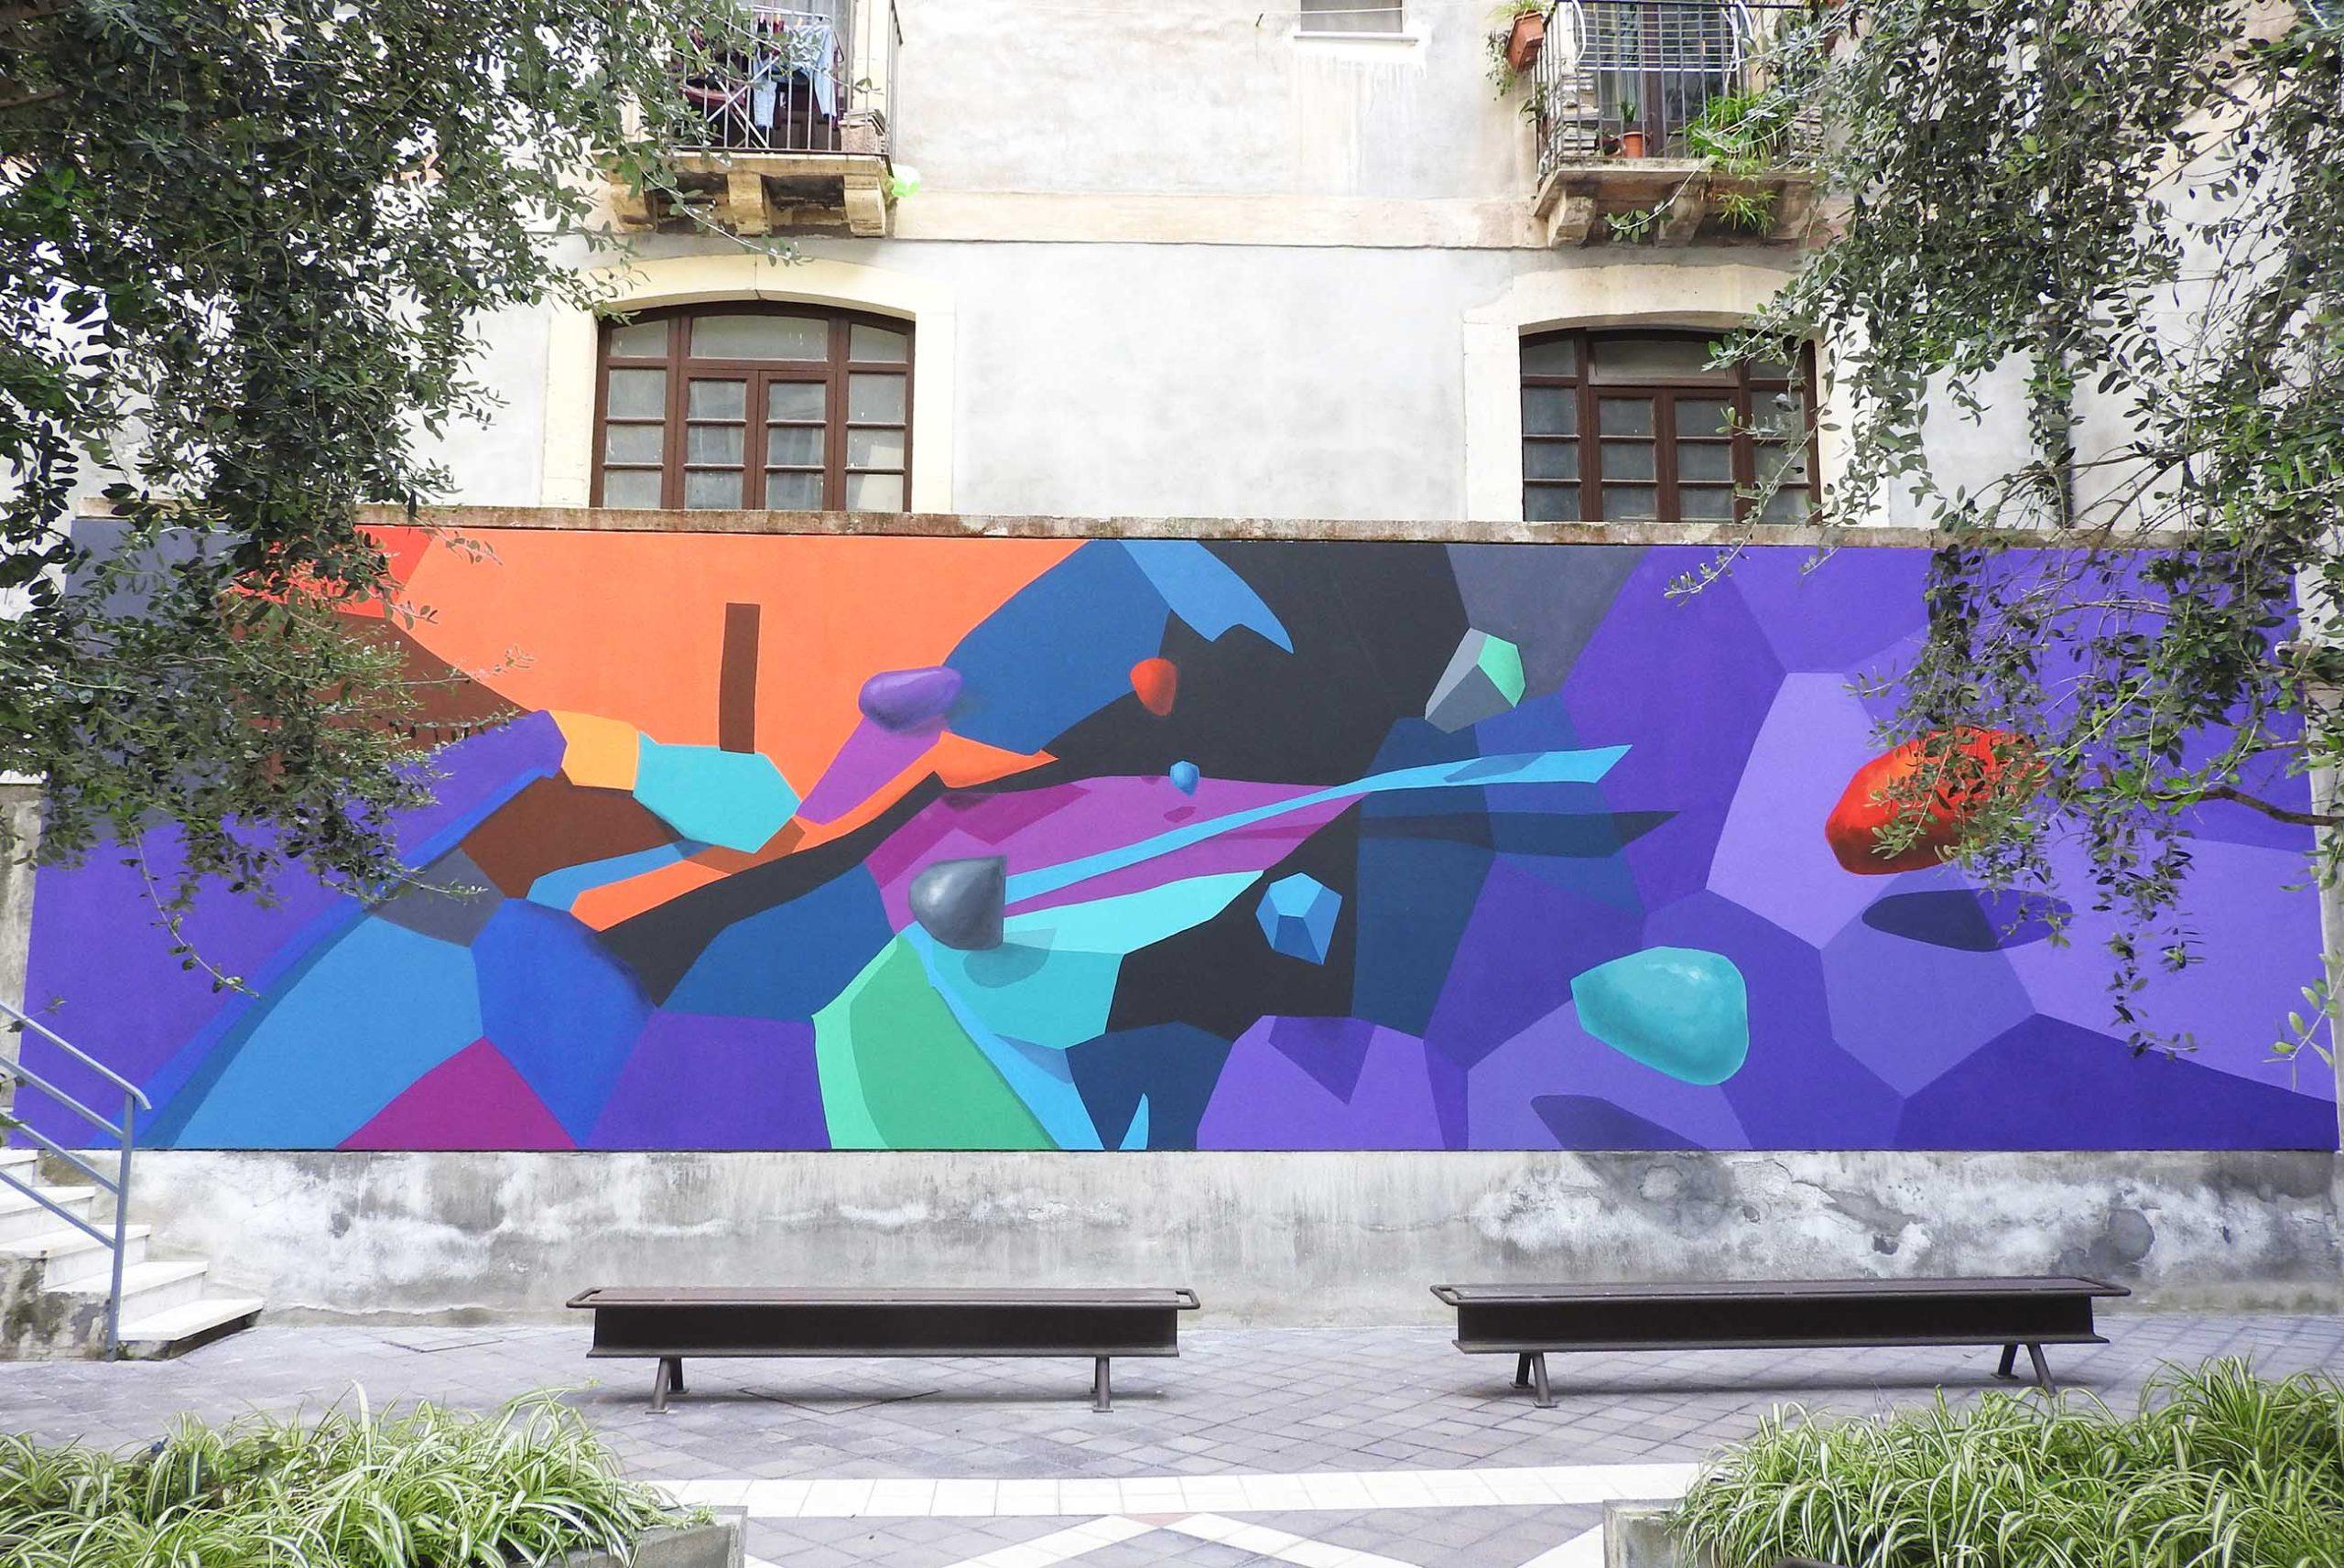 Università di Catania, sportello virtuale per le future matricole affette da disabilità e DSA: I DETTAGLI